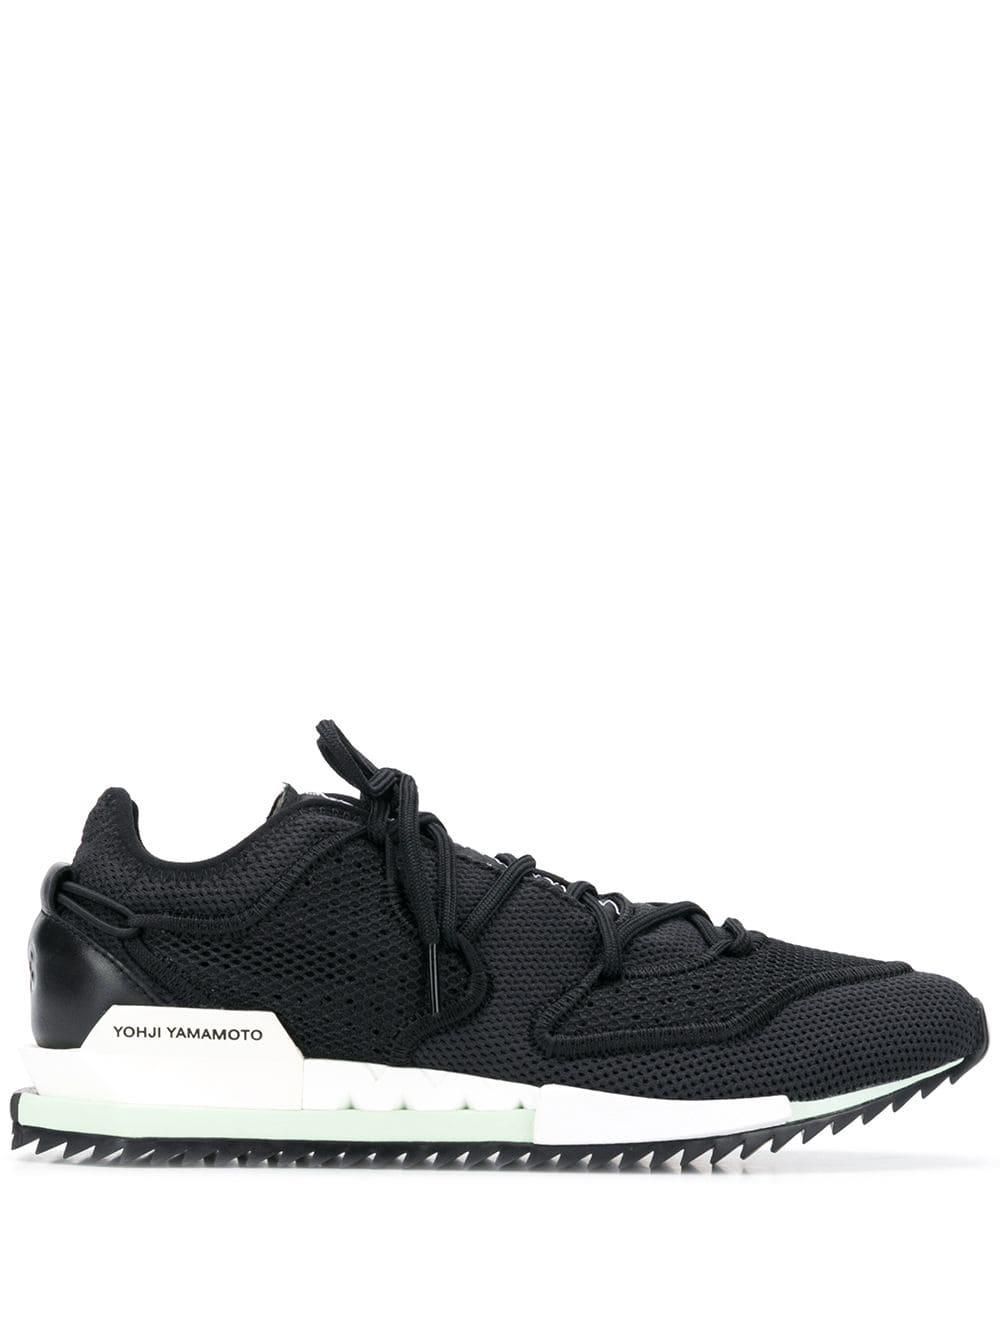 9a710fafee19c Y-3 Black Harigane Ii Sneakers